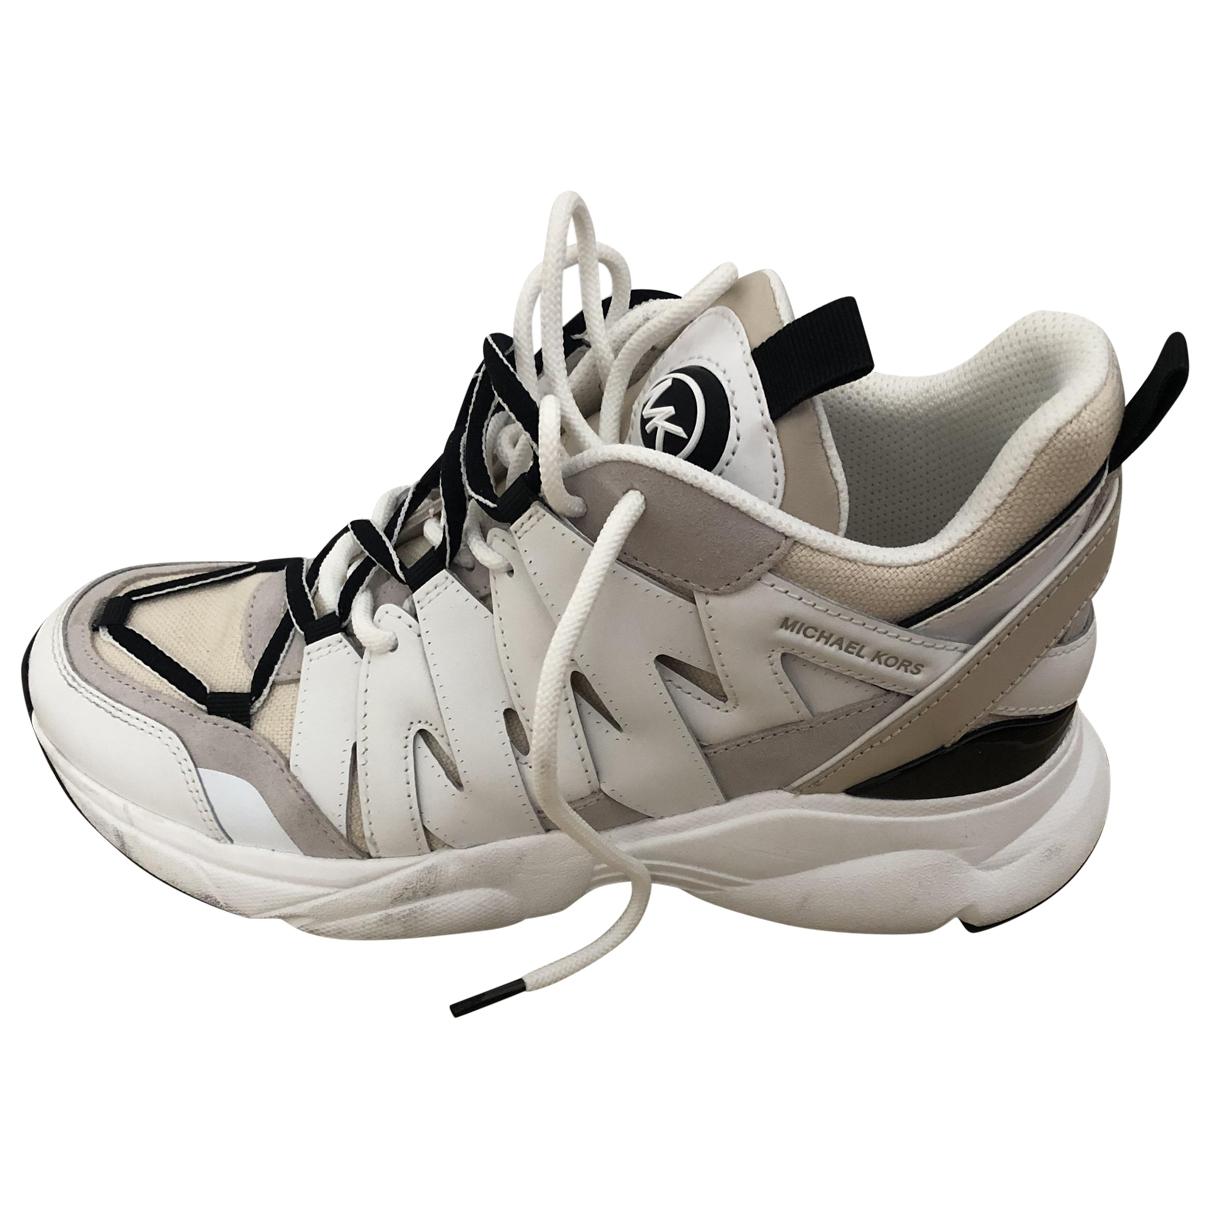 Michael Kors \N Sneakers in  Beige Leder